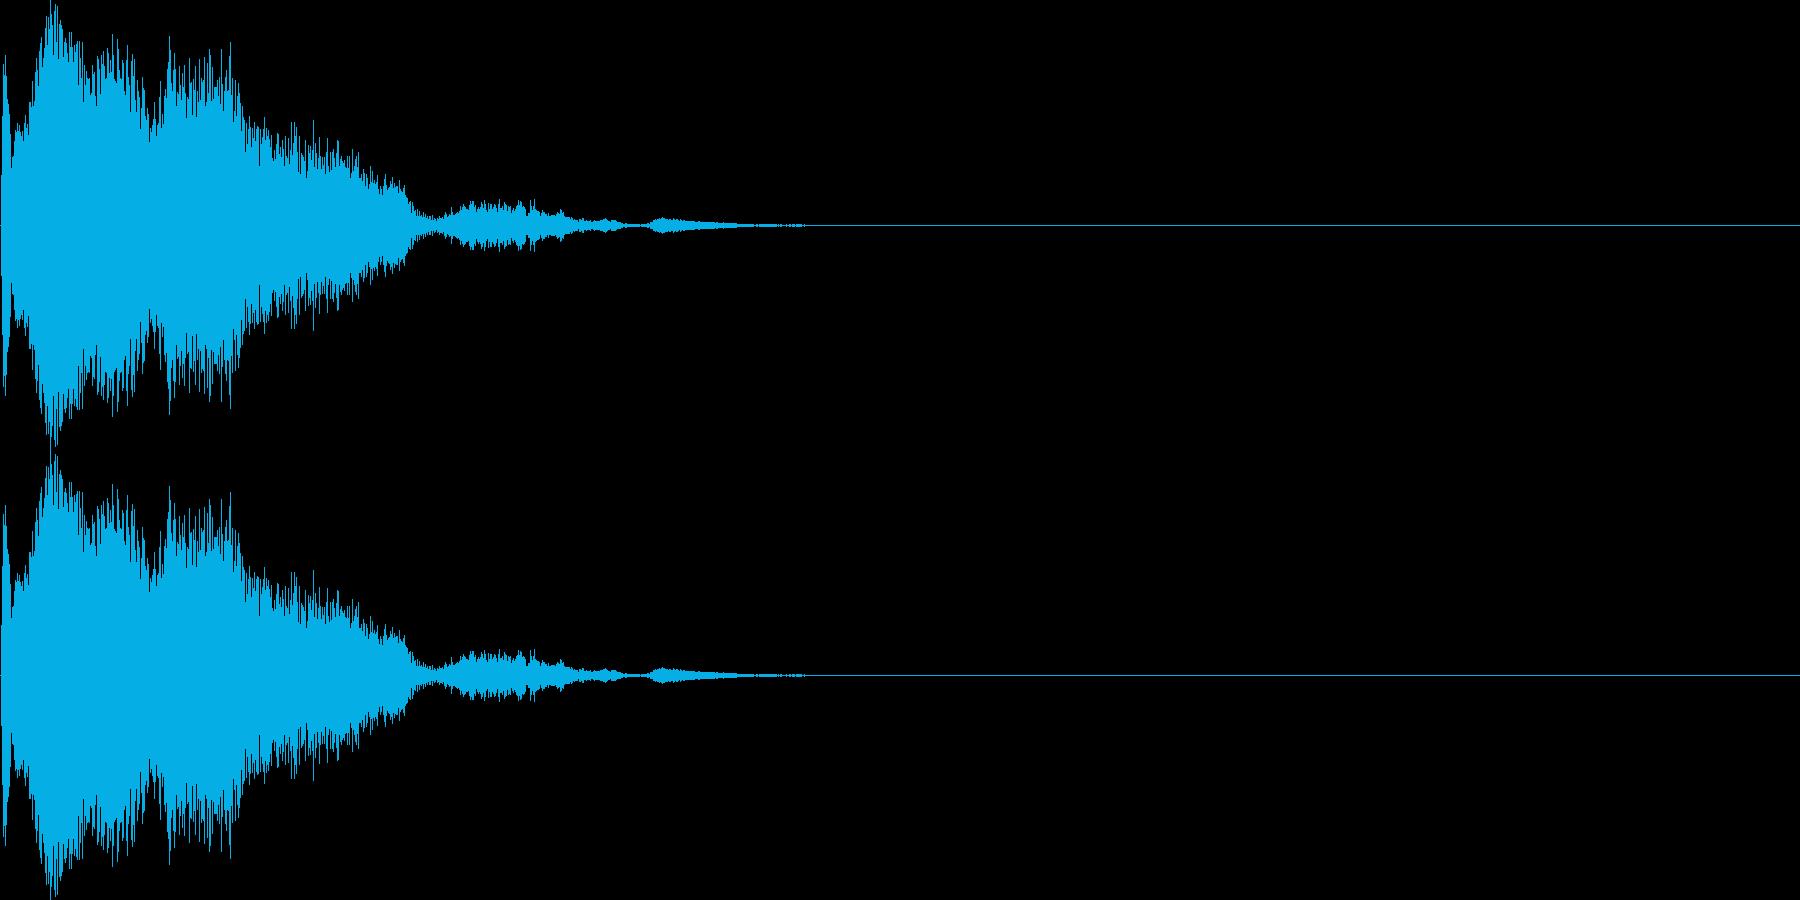 キン(カーソル、決定、スワイプ)の再生済みの波形